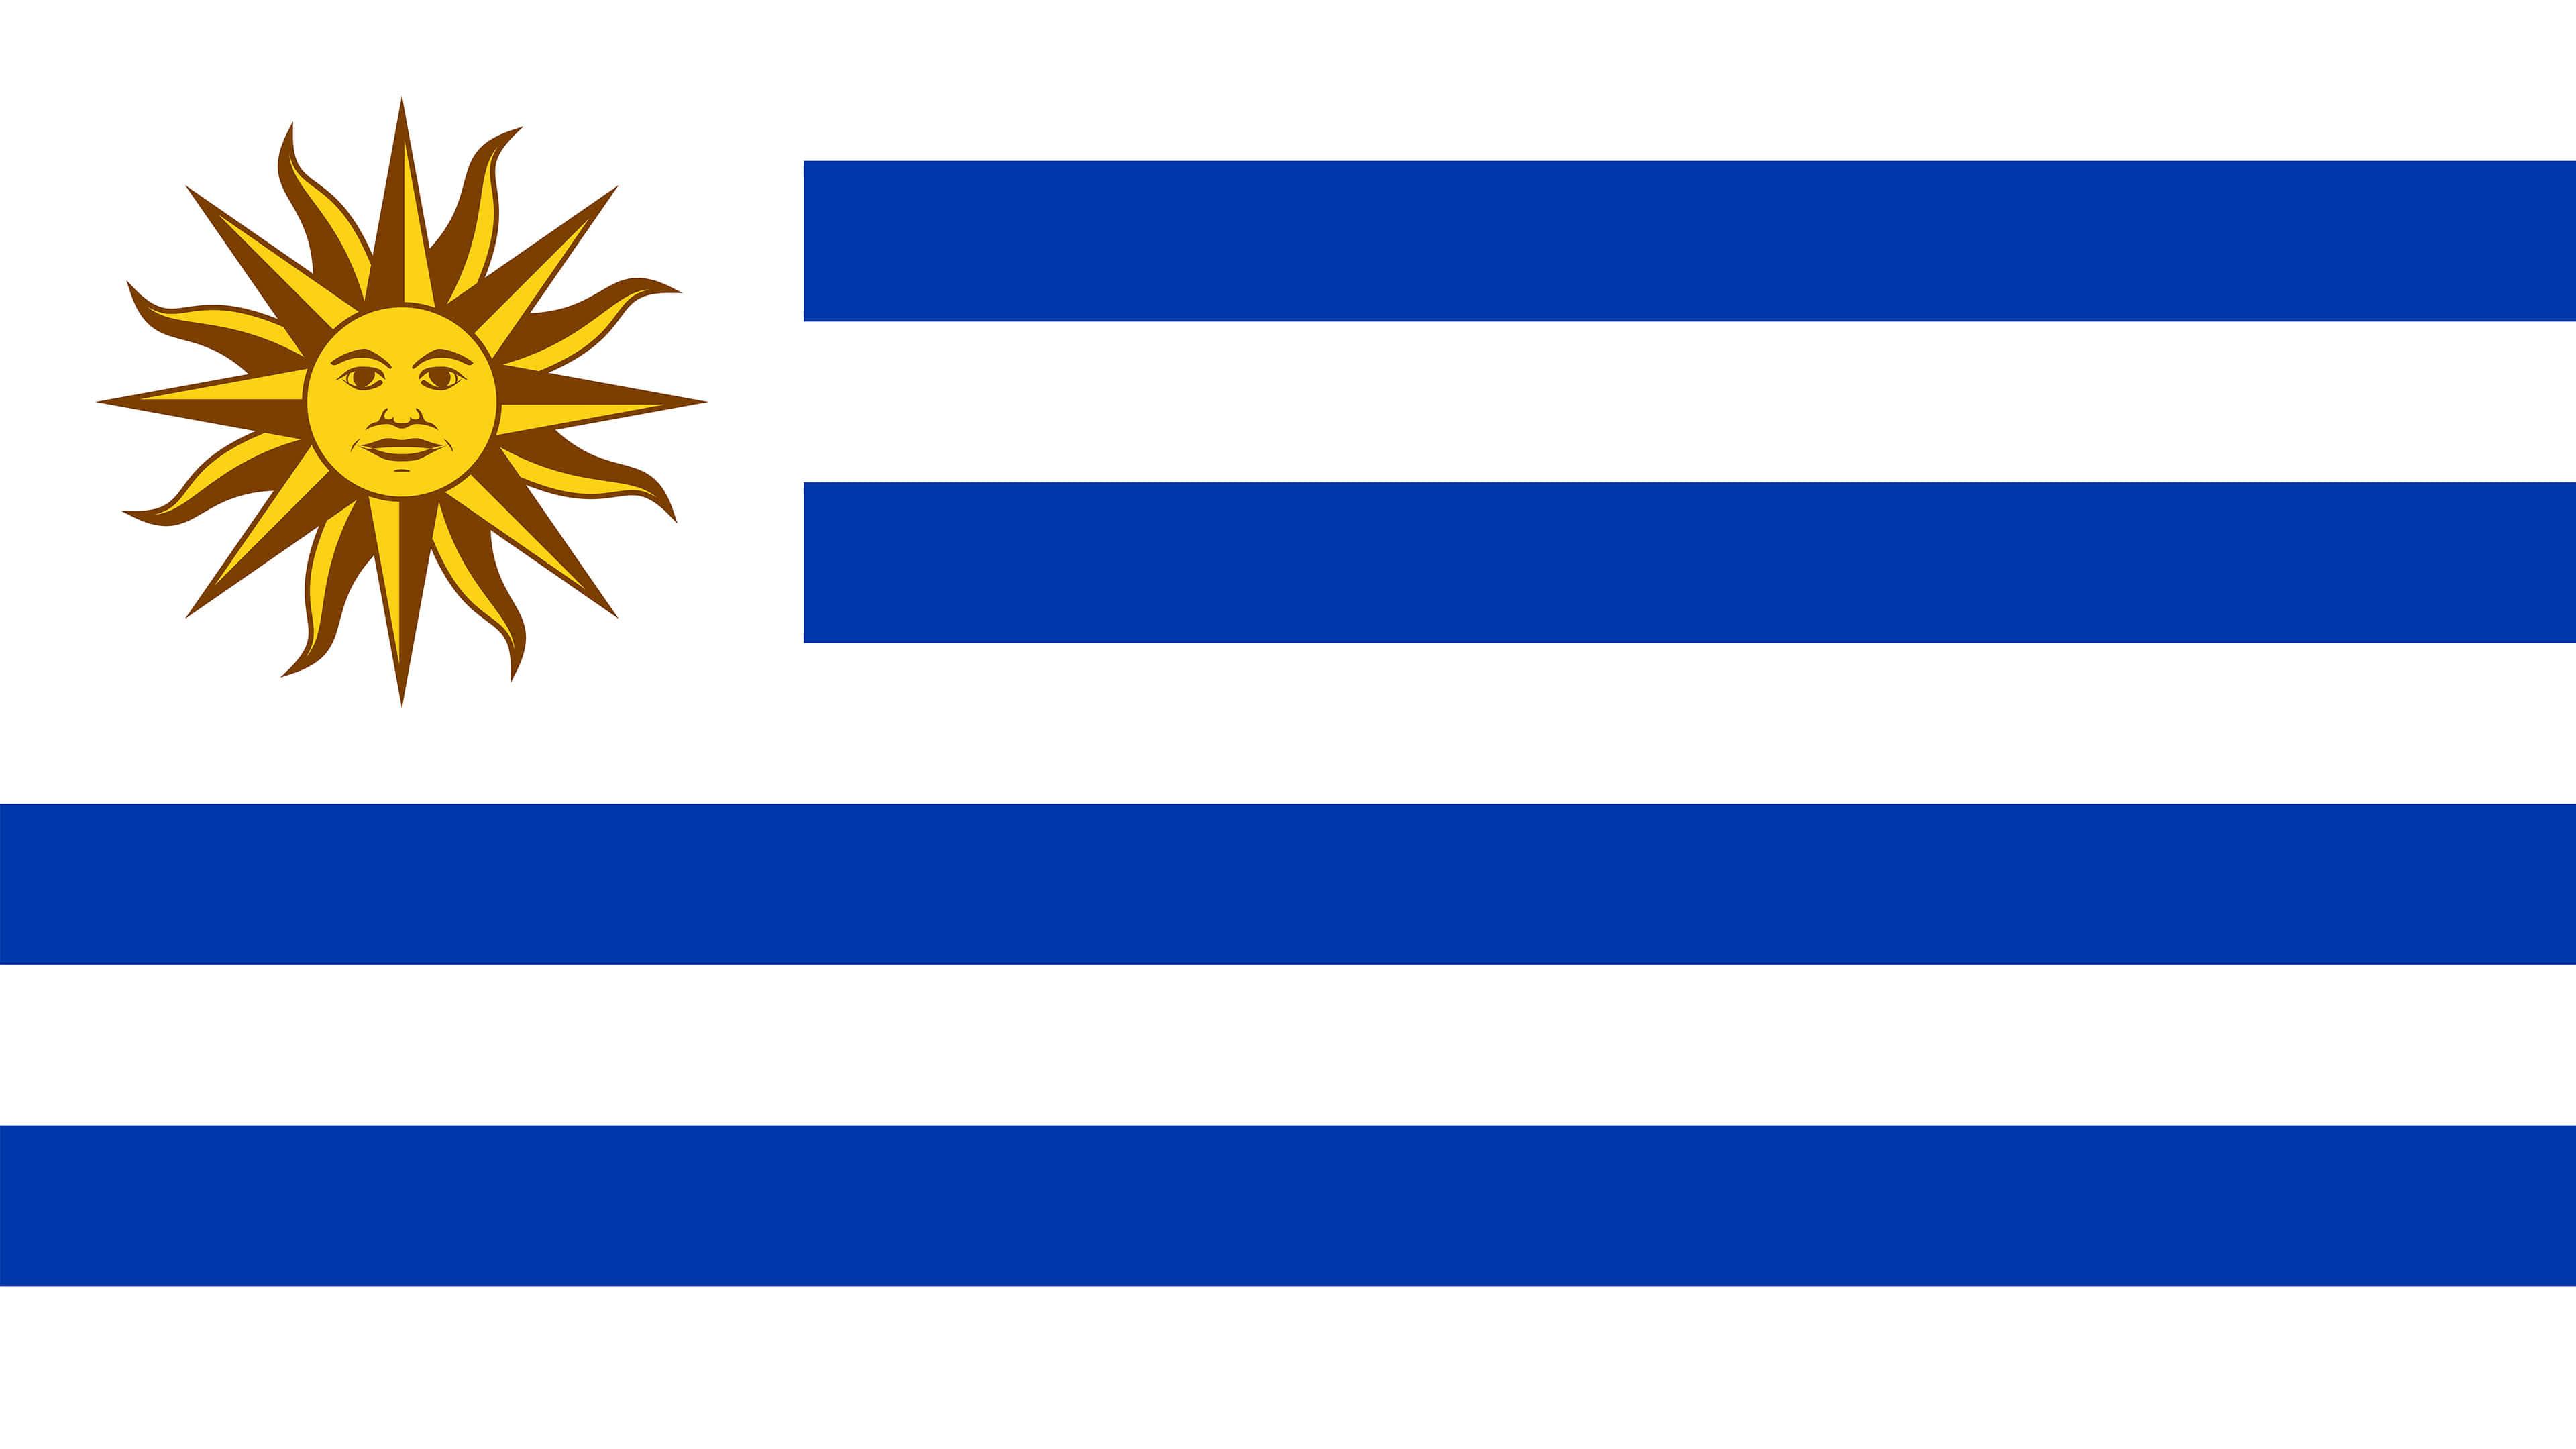 uruguay flag uhd 4k wallpaper